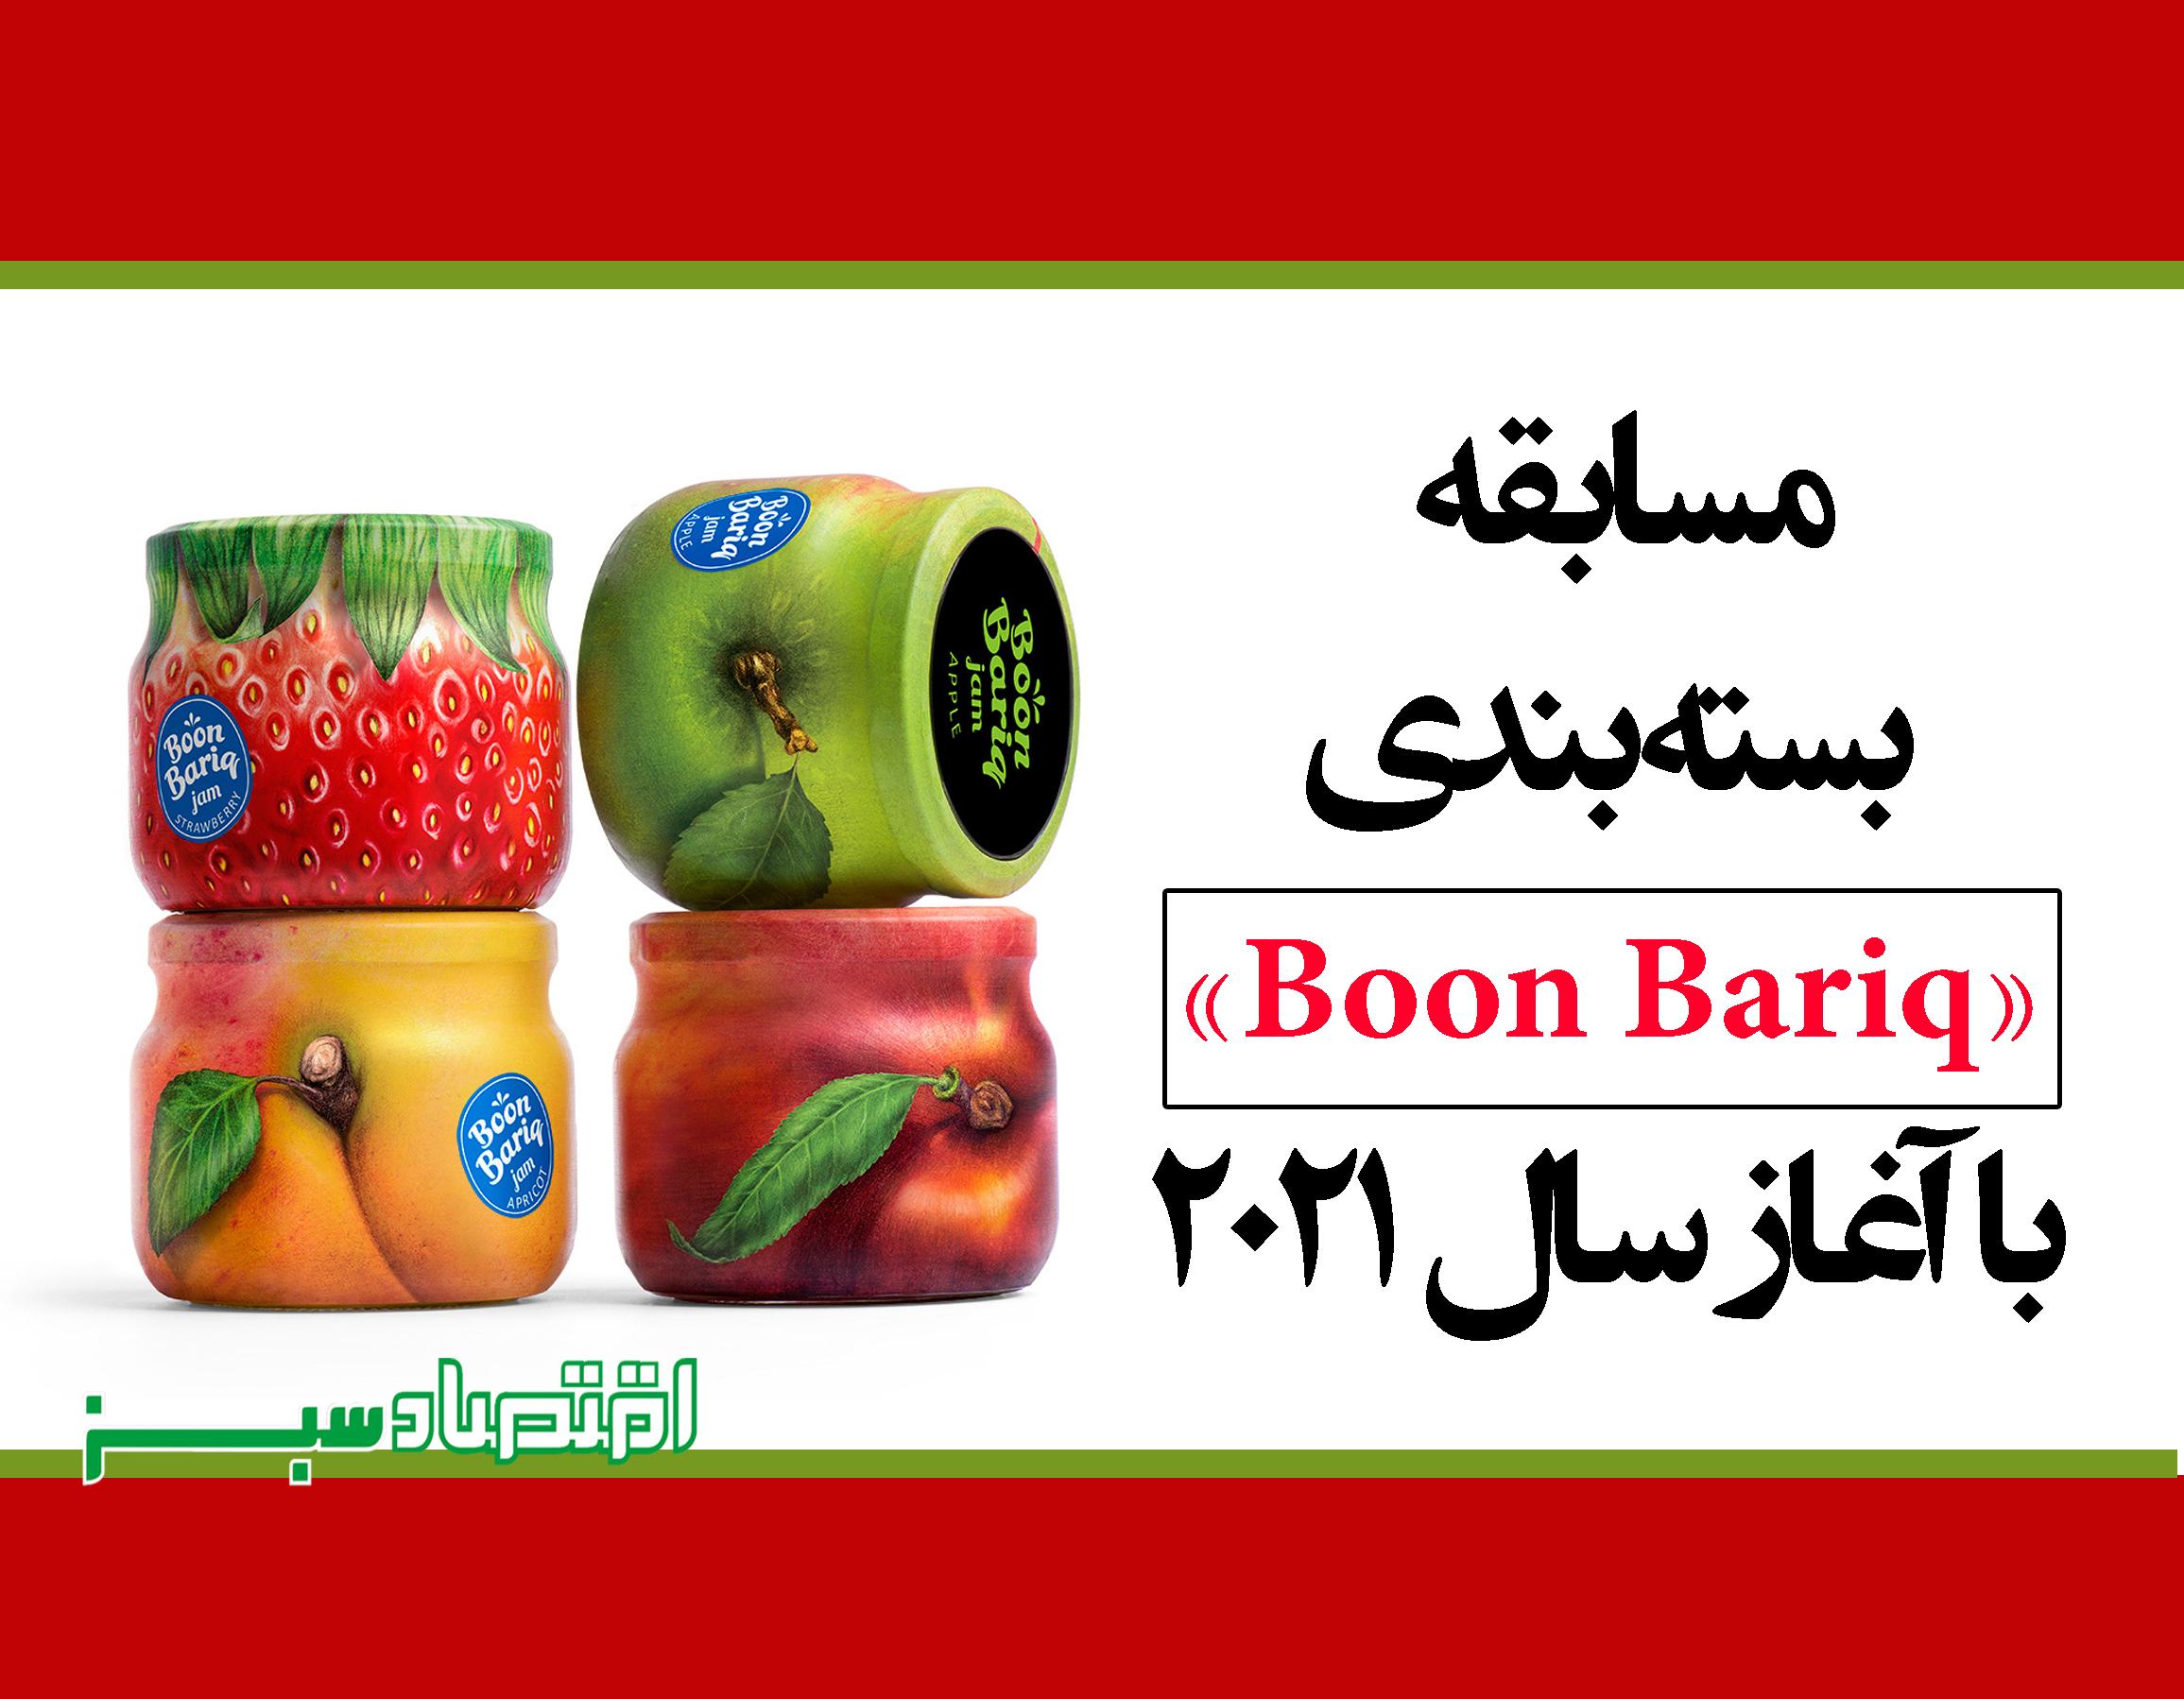 مسابقه بستهبندی «Boon Bariq» با آغاز سال 2021